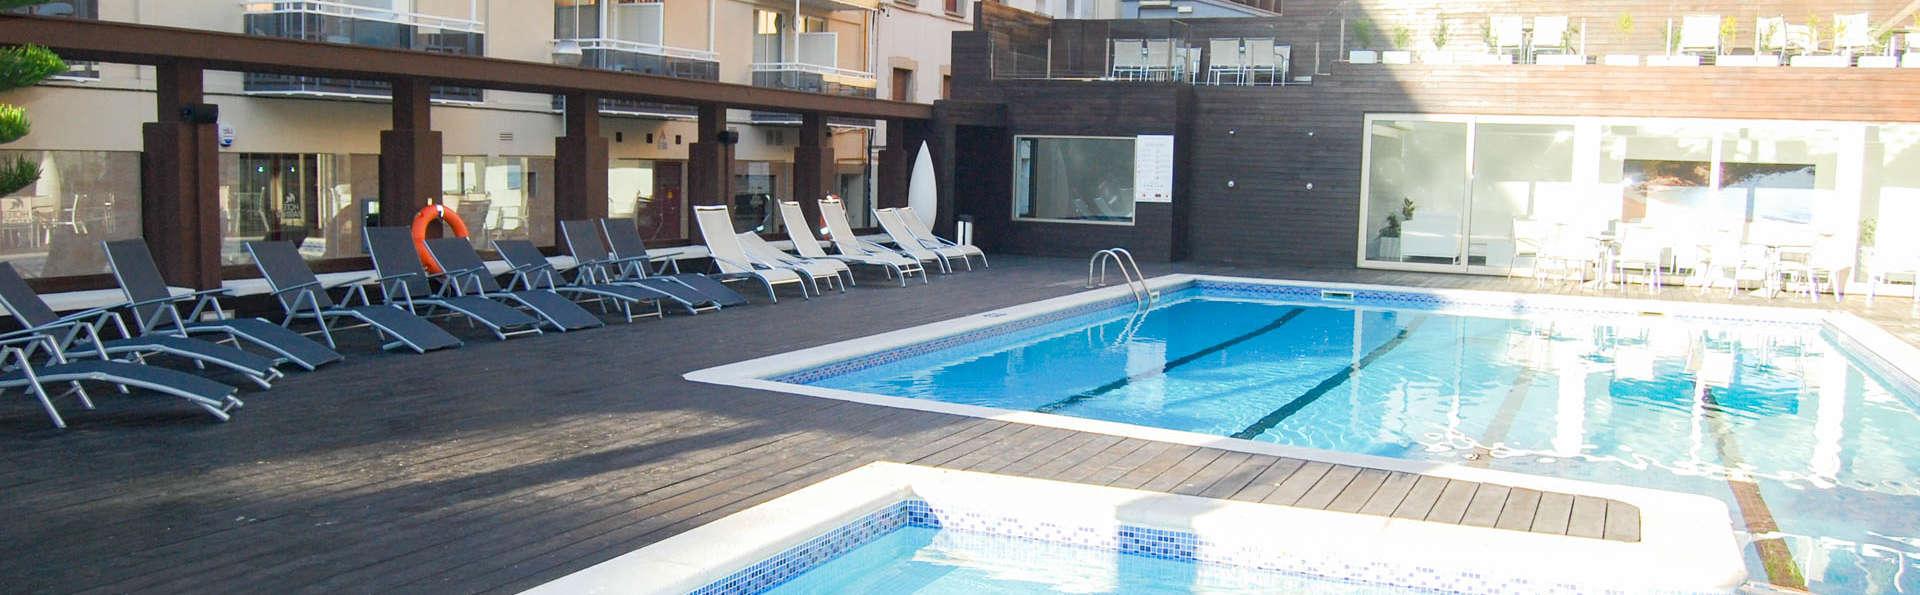 Hotel Mariner - EDIT_POOL6.jpg